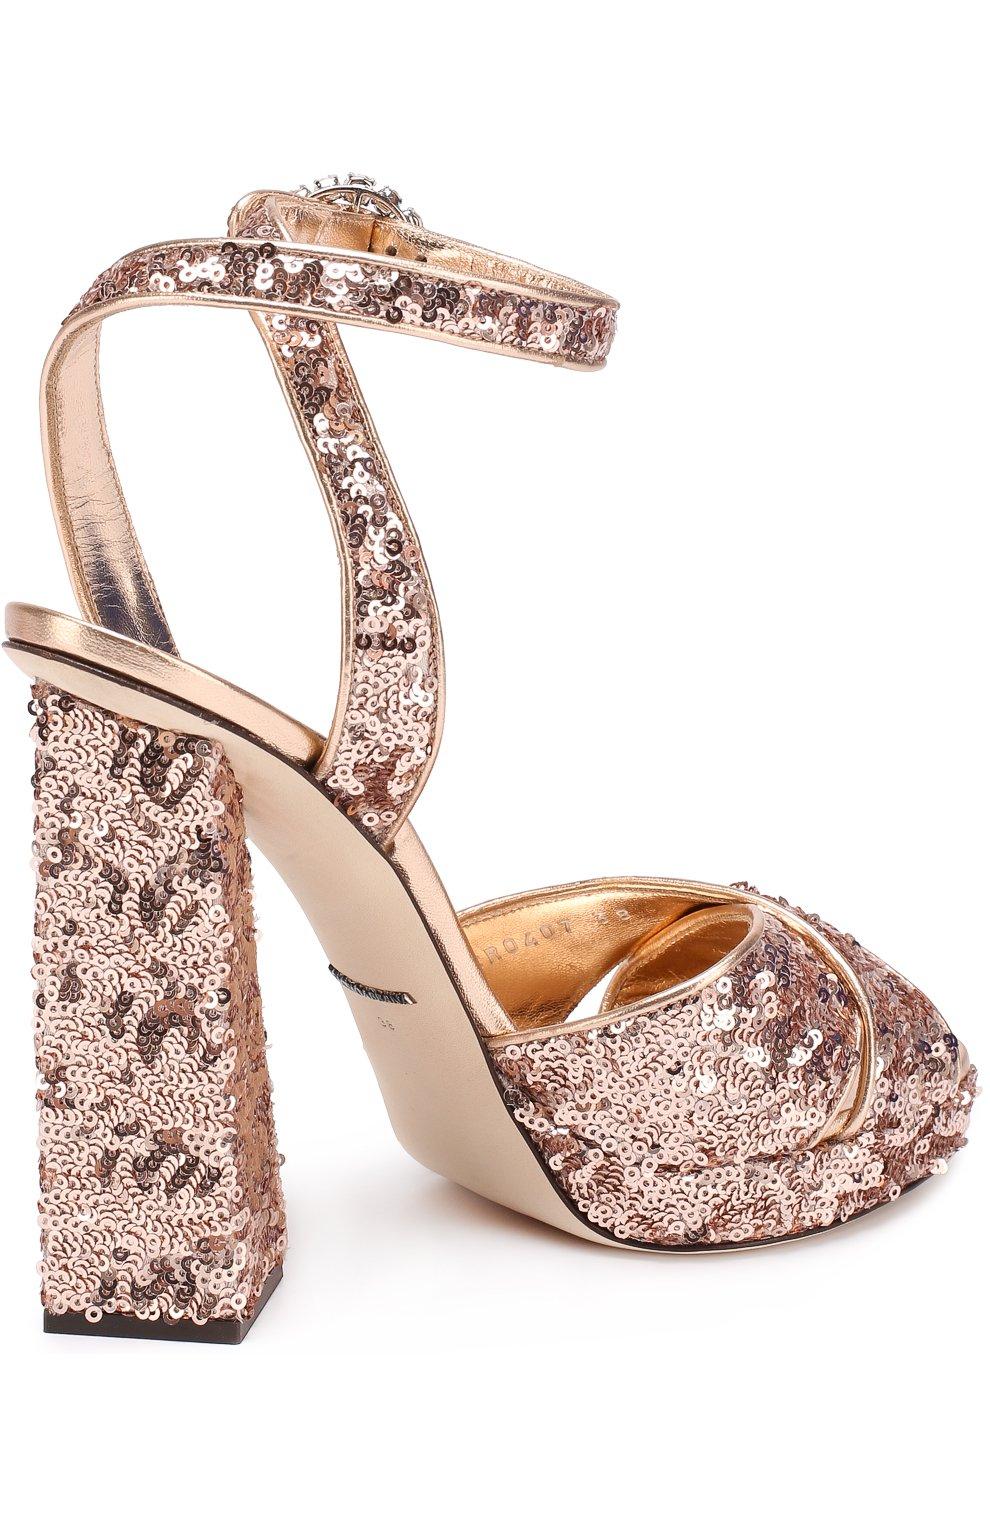 Босоножки с вышивкой пайетками на устойчивом каблуке Dolce & Gabbana бронзовые | Фото №4